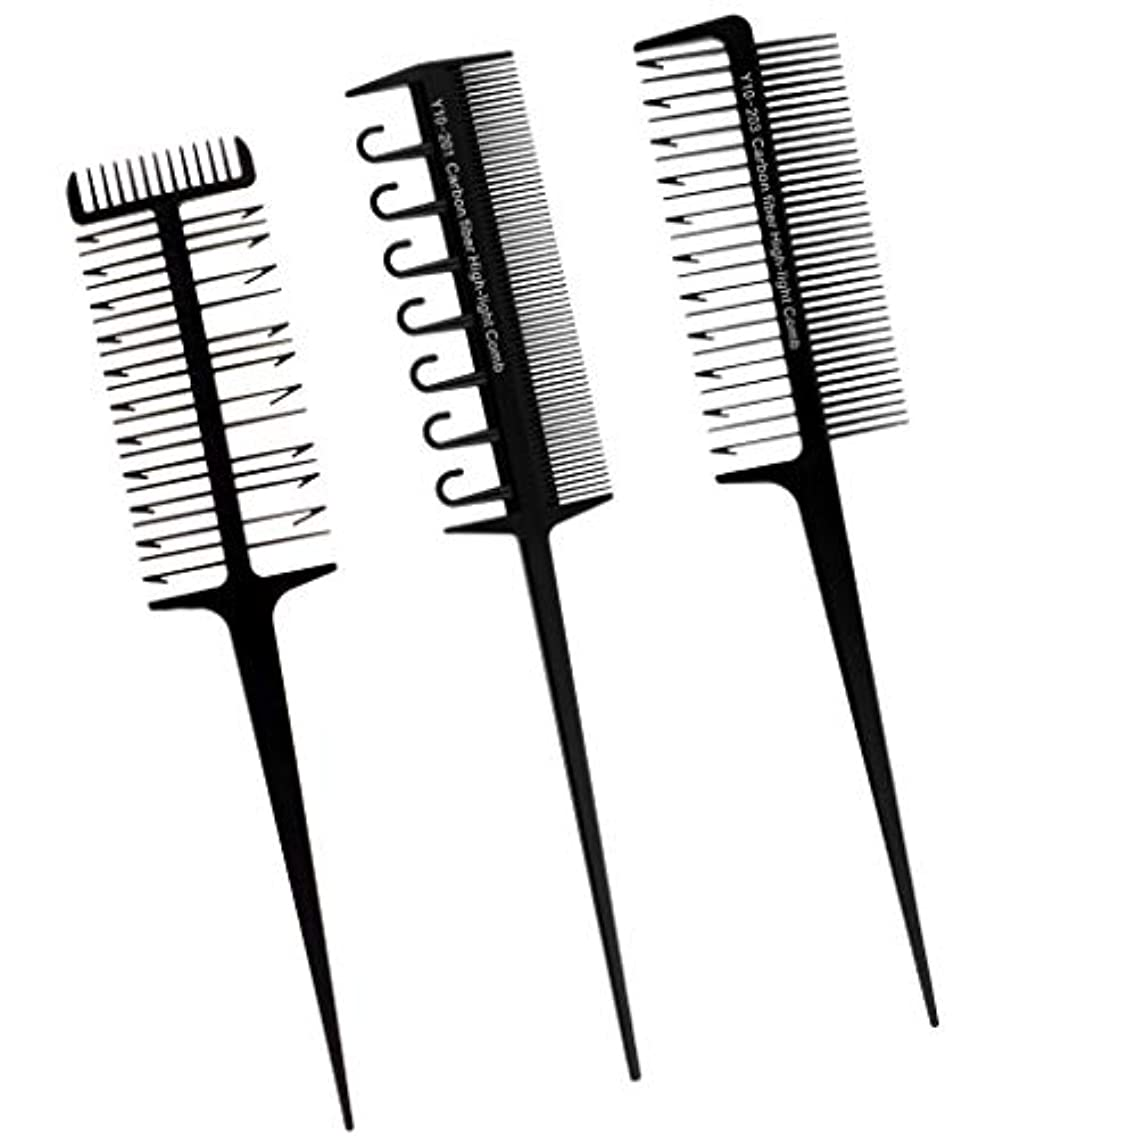 食べる服を洗う帆CUTICATE ヘアダイブラシ プロ用 へアカラーセット DIY髪染め用 サロン 美髪師用 ヘアカラーの用具 3本入